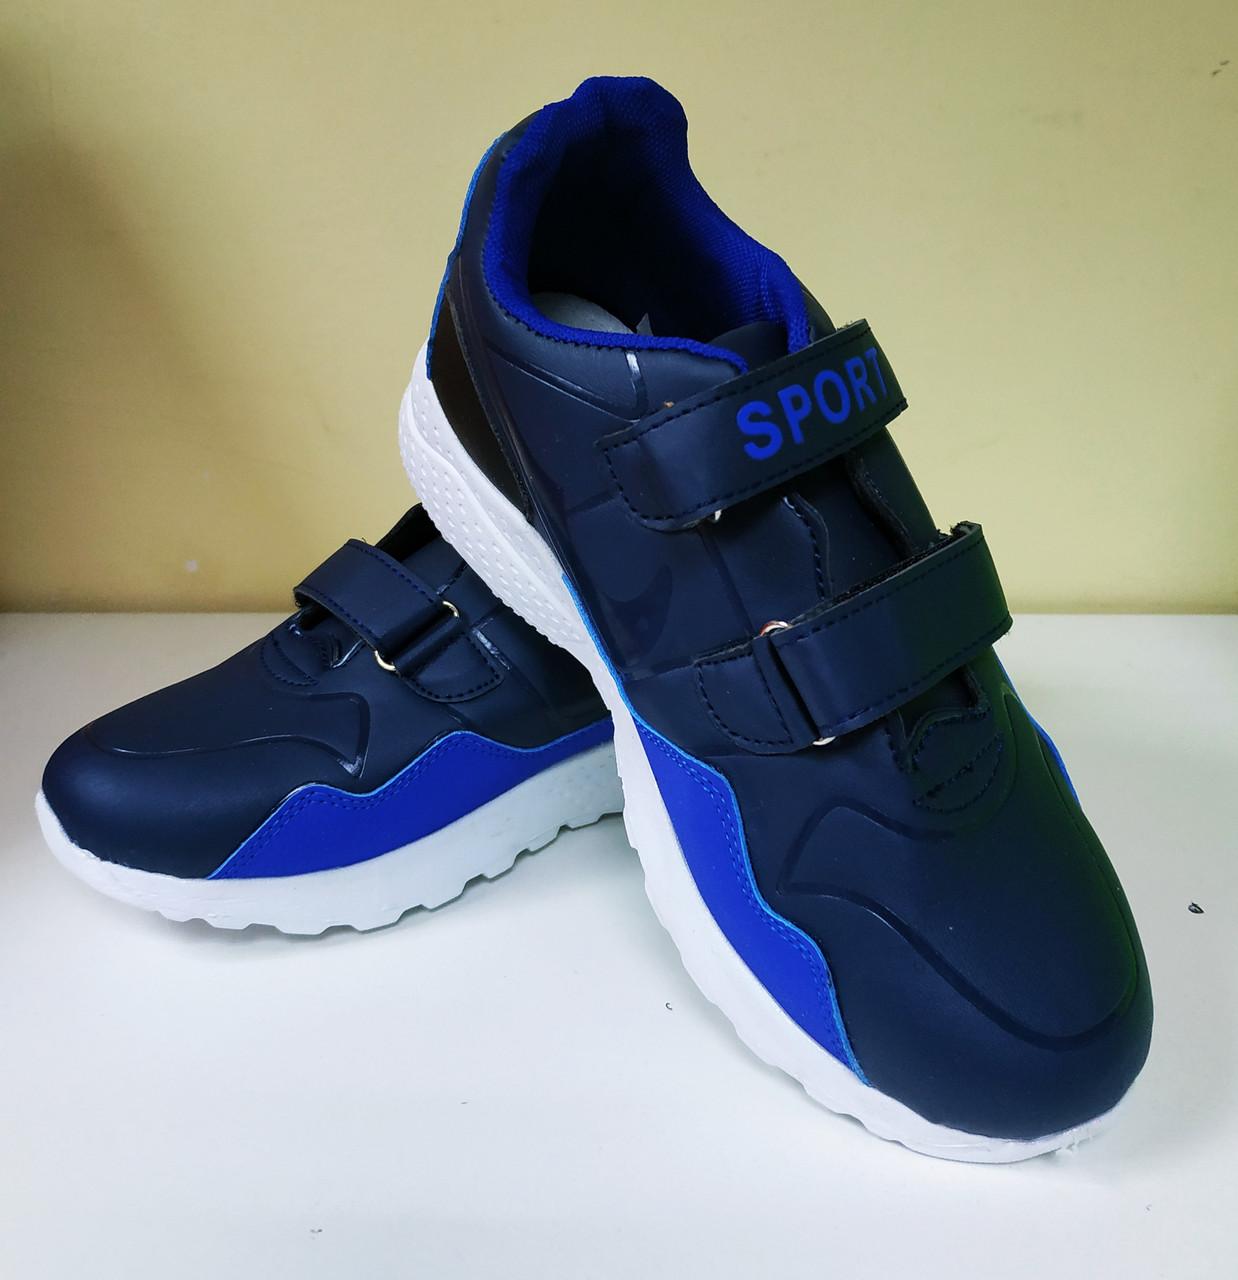 62418924 Детские кроссовки для мальчика (31,33,34,35,36)., цена 299 грн ...